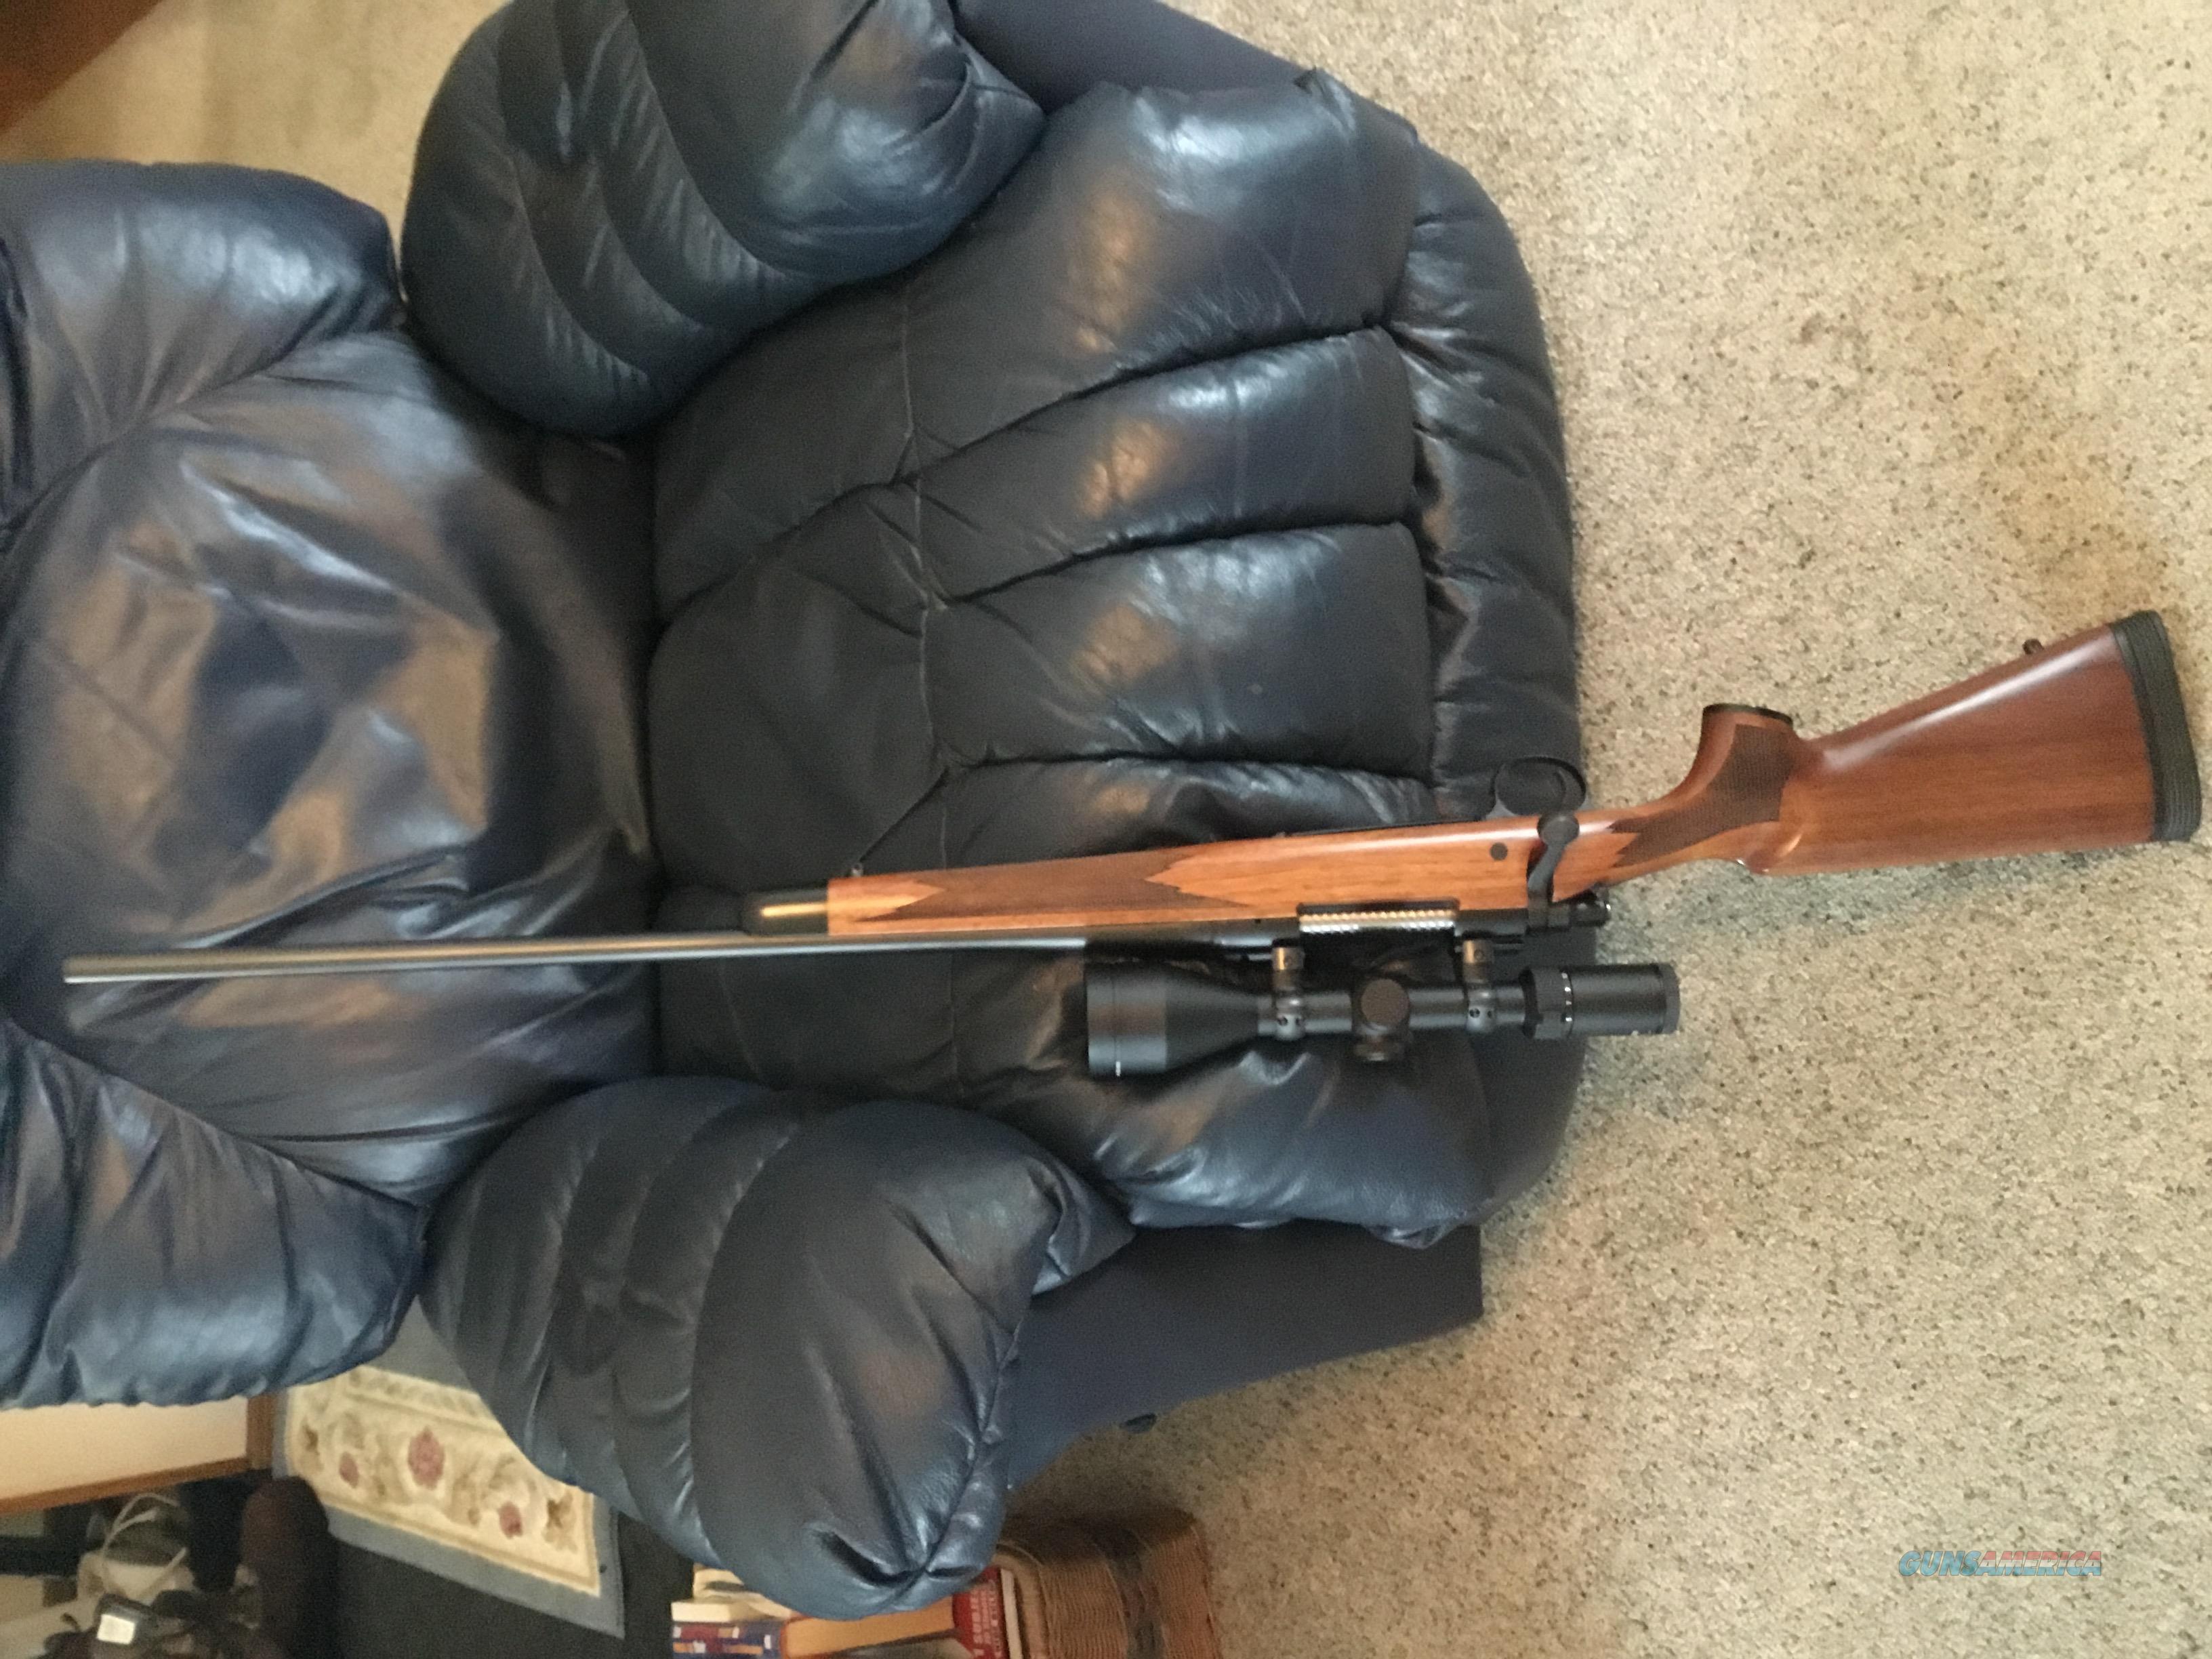 Remington 700 CDL 35 Whelen   Guns > Rifles > Remington Rifles - Modern > Model 700 > Sporting